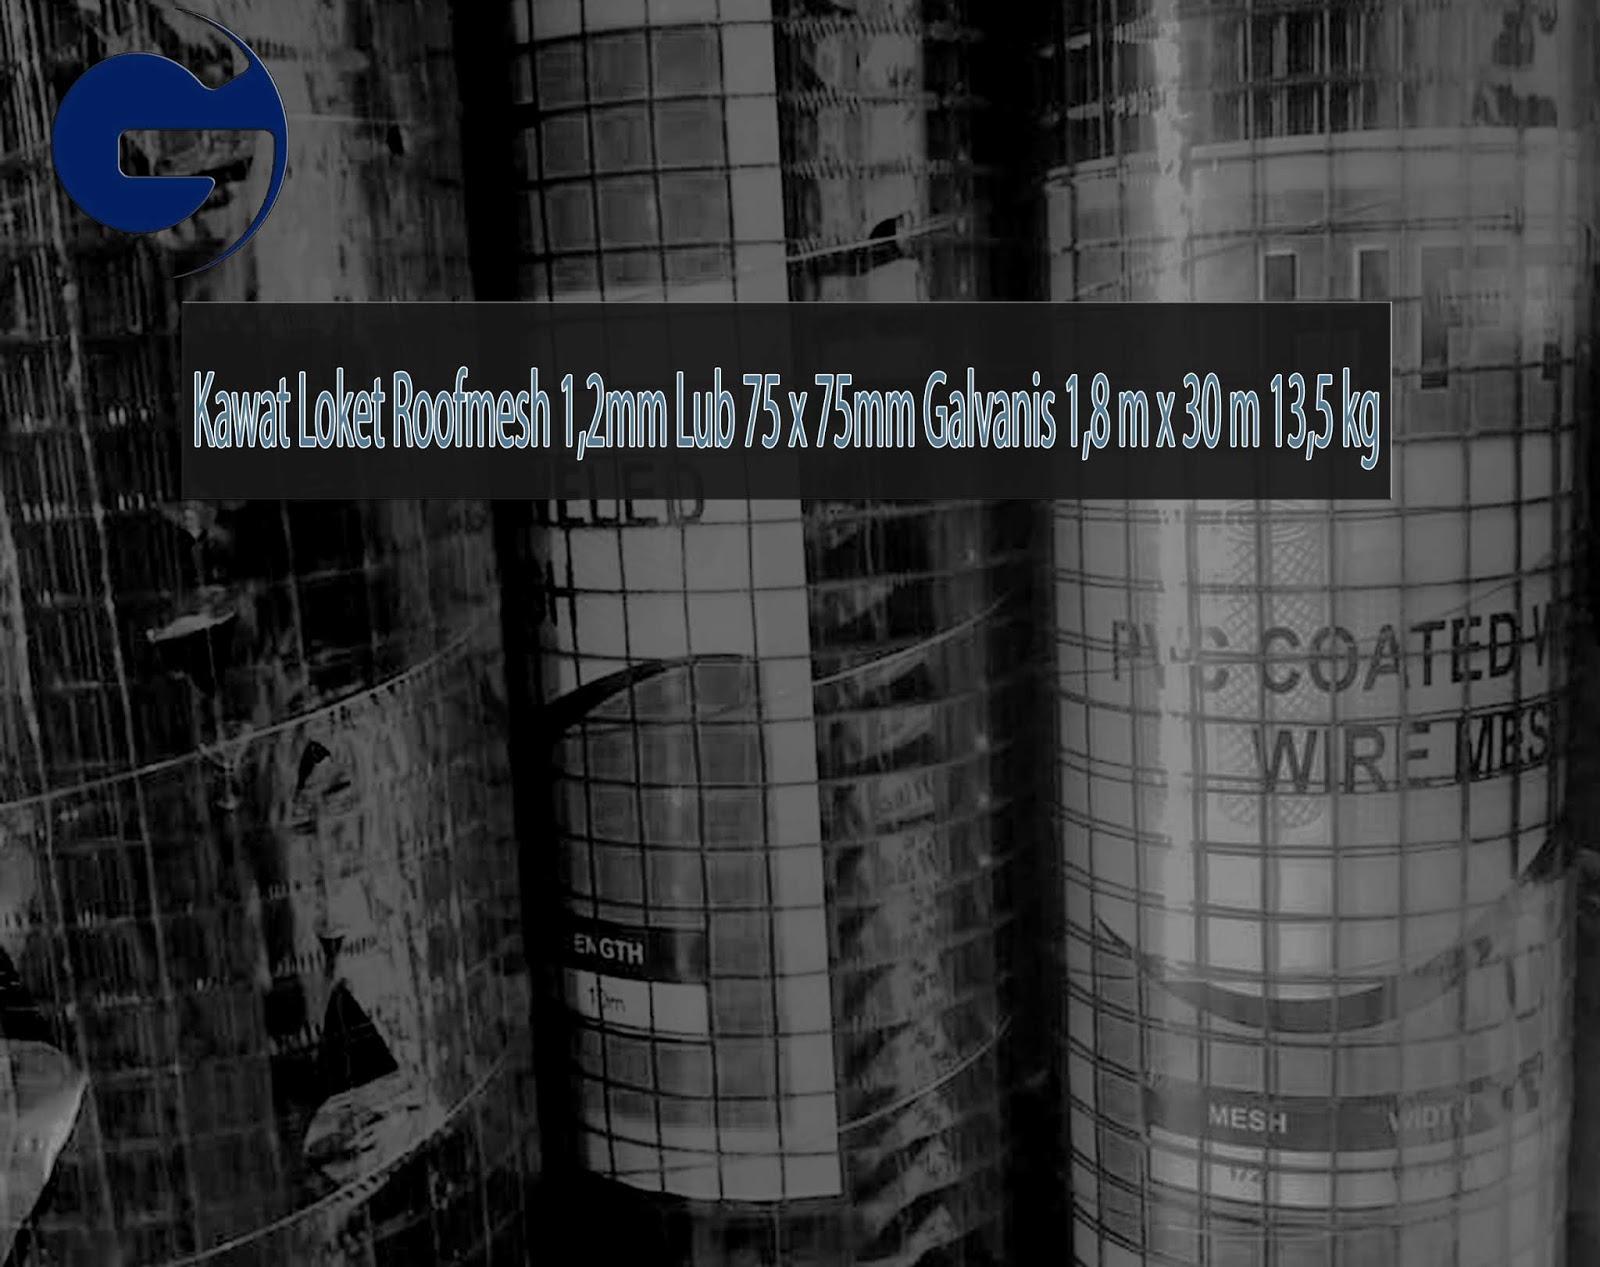 Jual Kawat Loket Roofmesh 1,2mm Lub 75 x 75mm Galvanis 1,8m x 30m 13,5kg